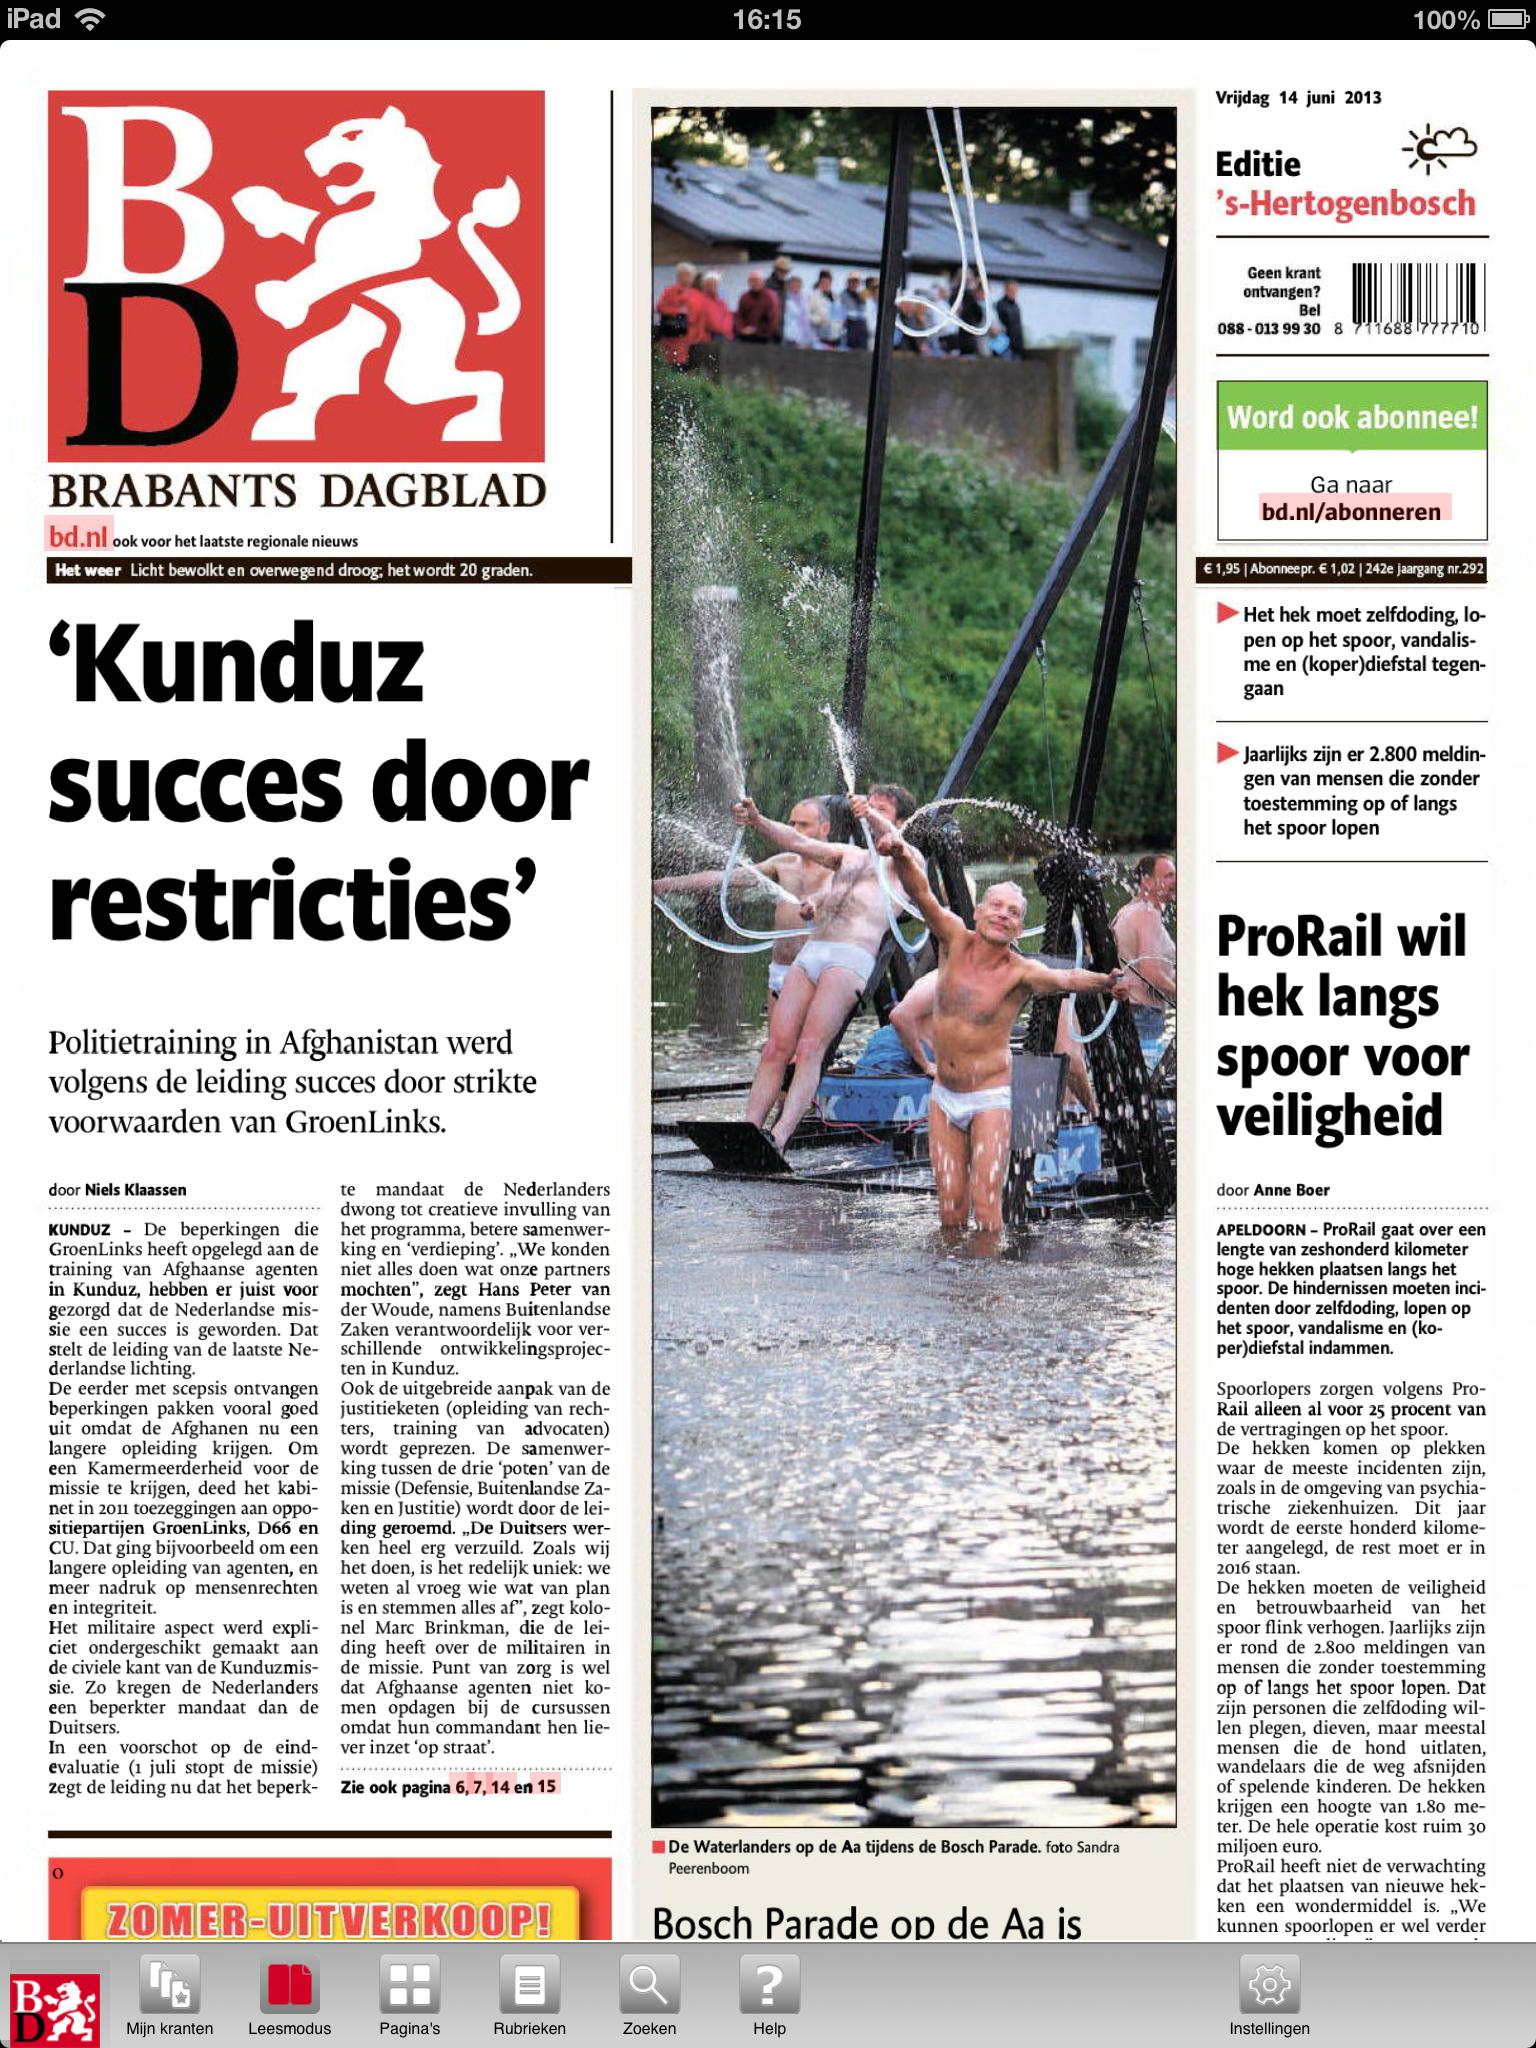 De Waterlanders op de Aa tijdens de Bosch Parade - Brabants Dagblad